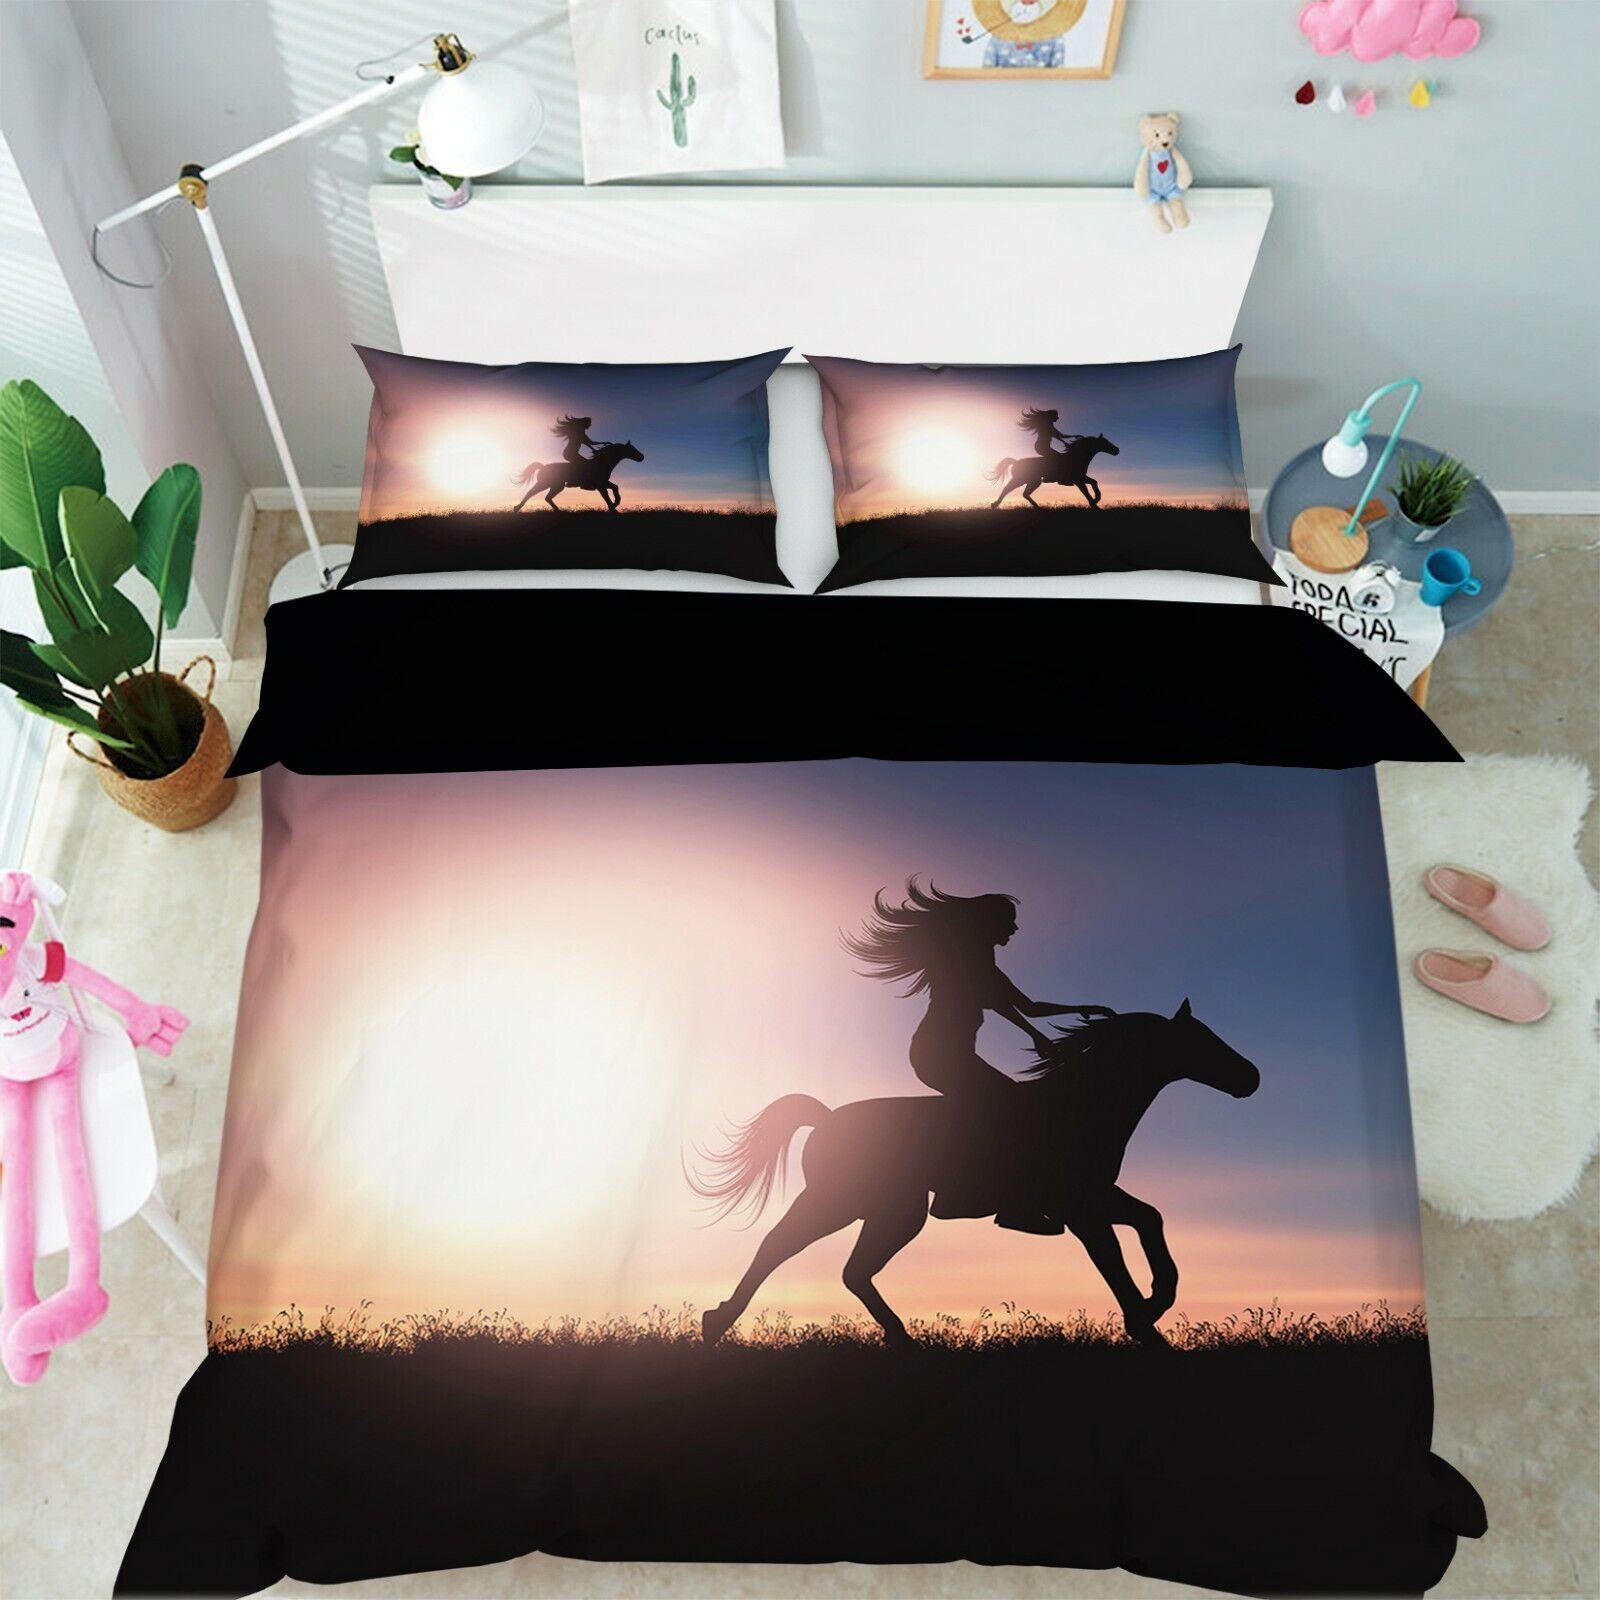 3d Sunlumière Riding m94 animal lit housses de coussin couverture couverture couverture Set à